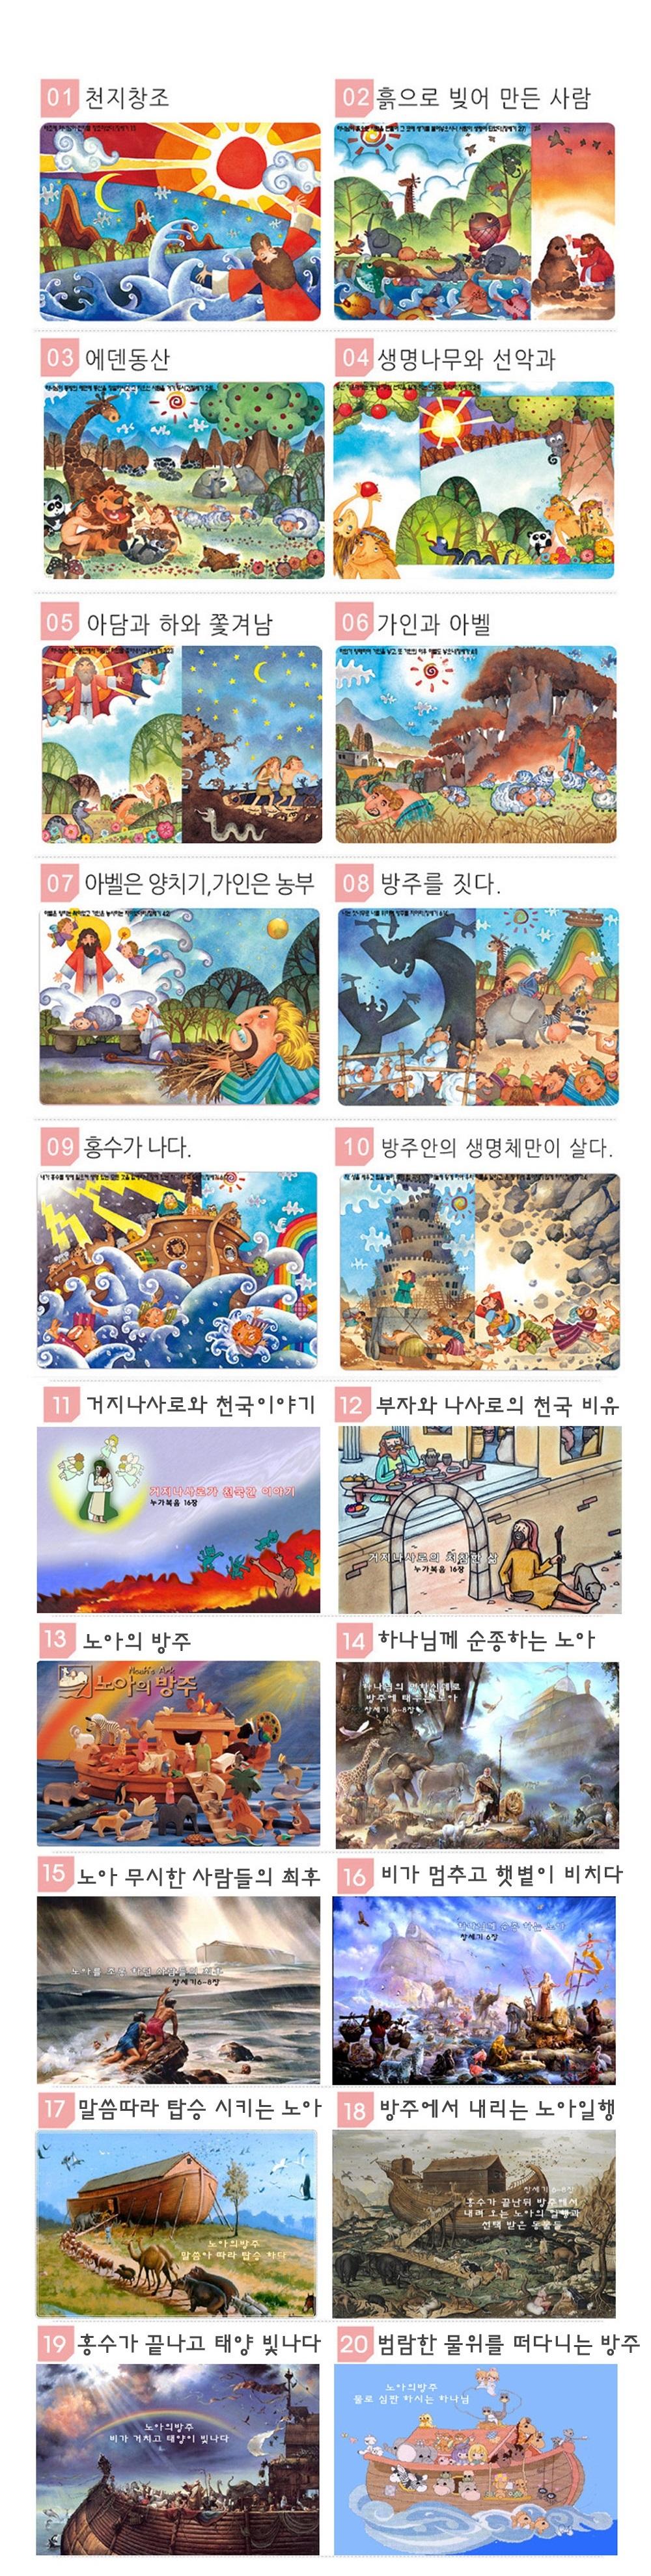 효도퍼즐 성경퍼즐  B4 사이즈 성경공부퍼즐 - 퍼즐러브, 7,500원, 조각/퍼즐, 맞춤퍼즐